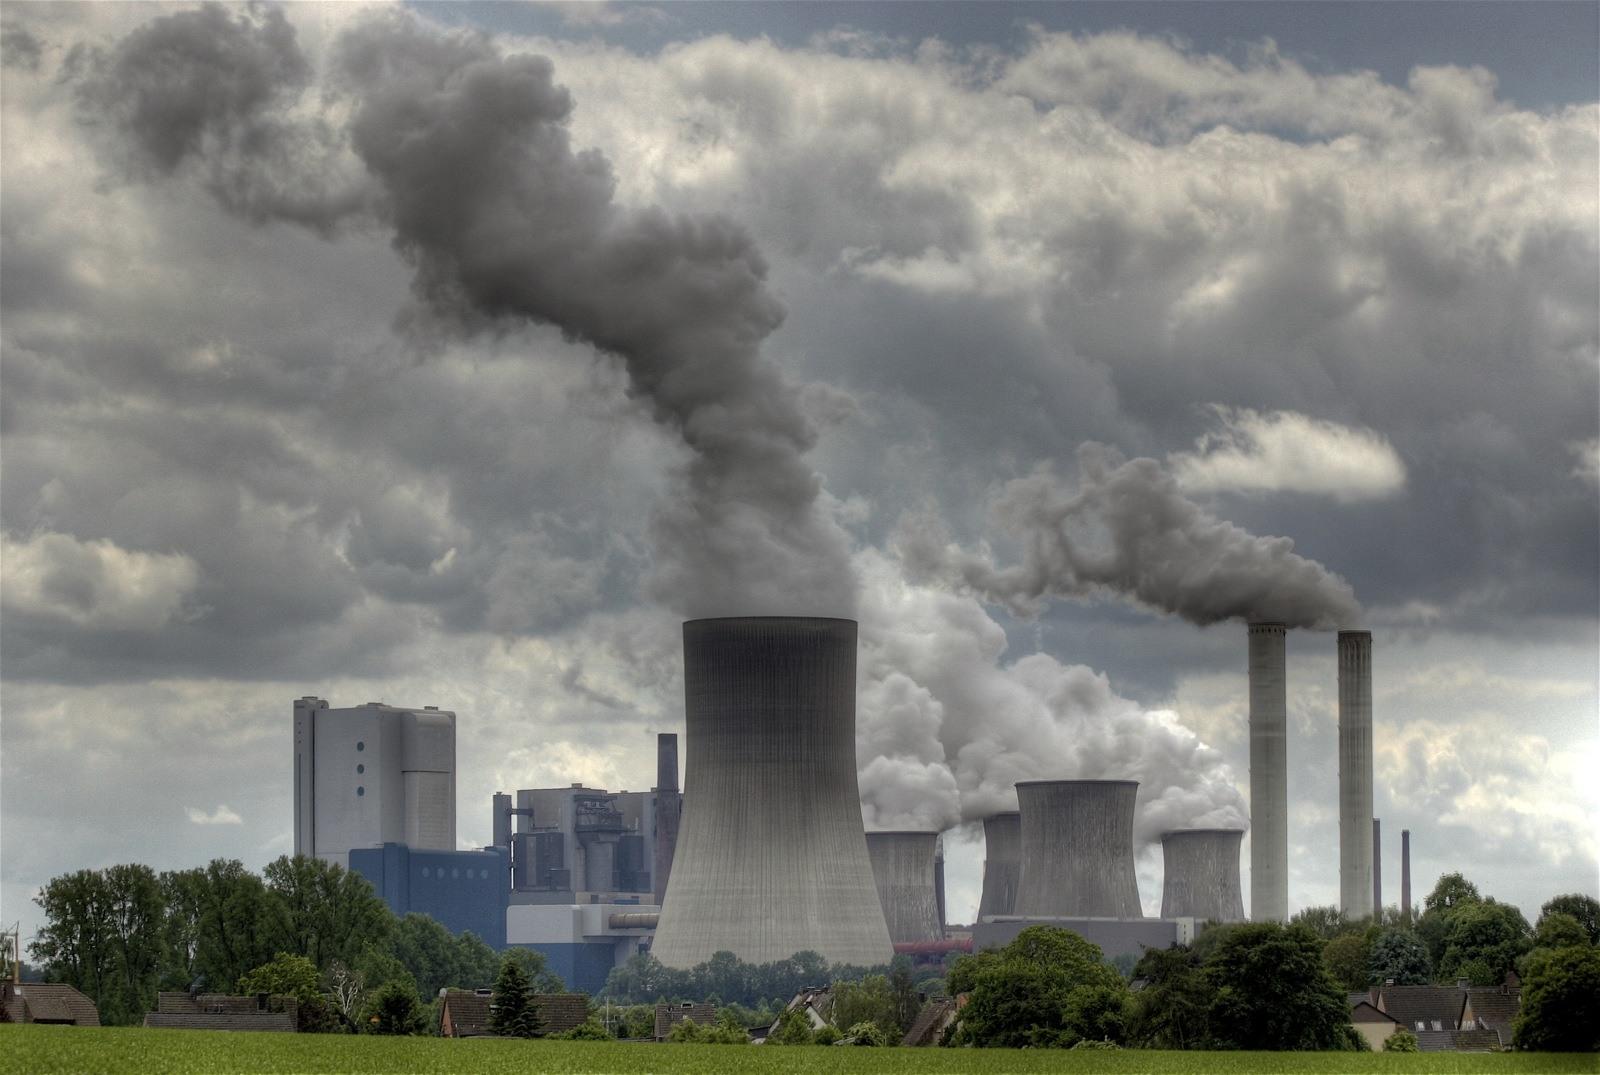 источники-загрязнений-дома-iceoom